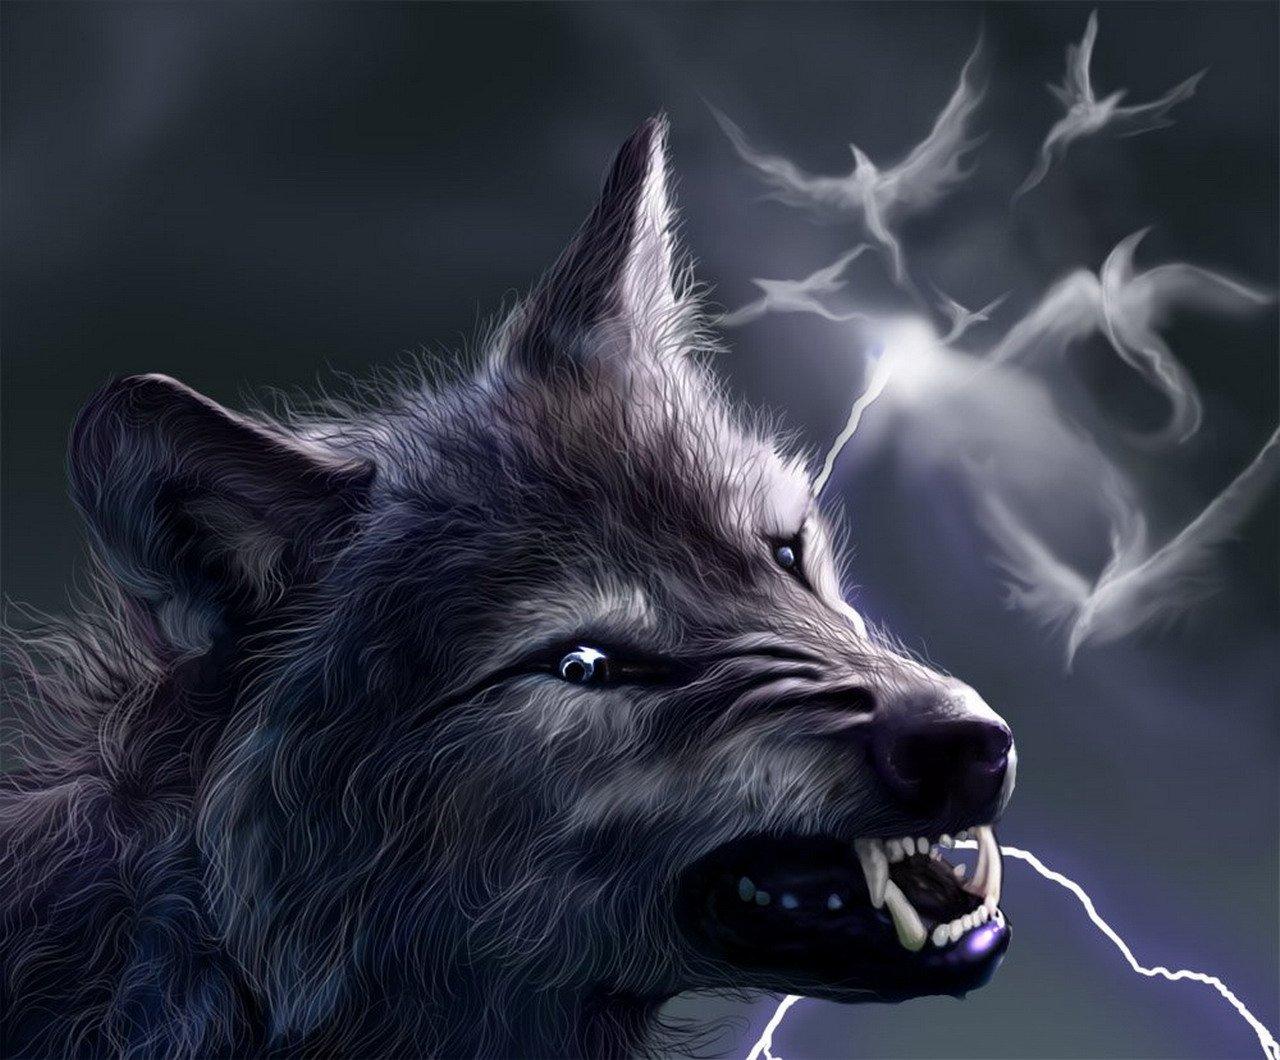 картинки скалившихся волков